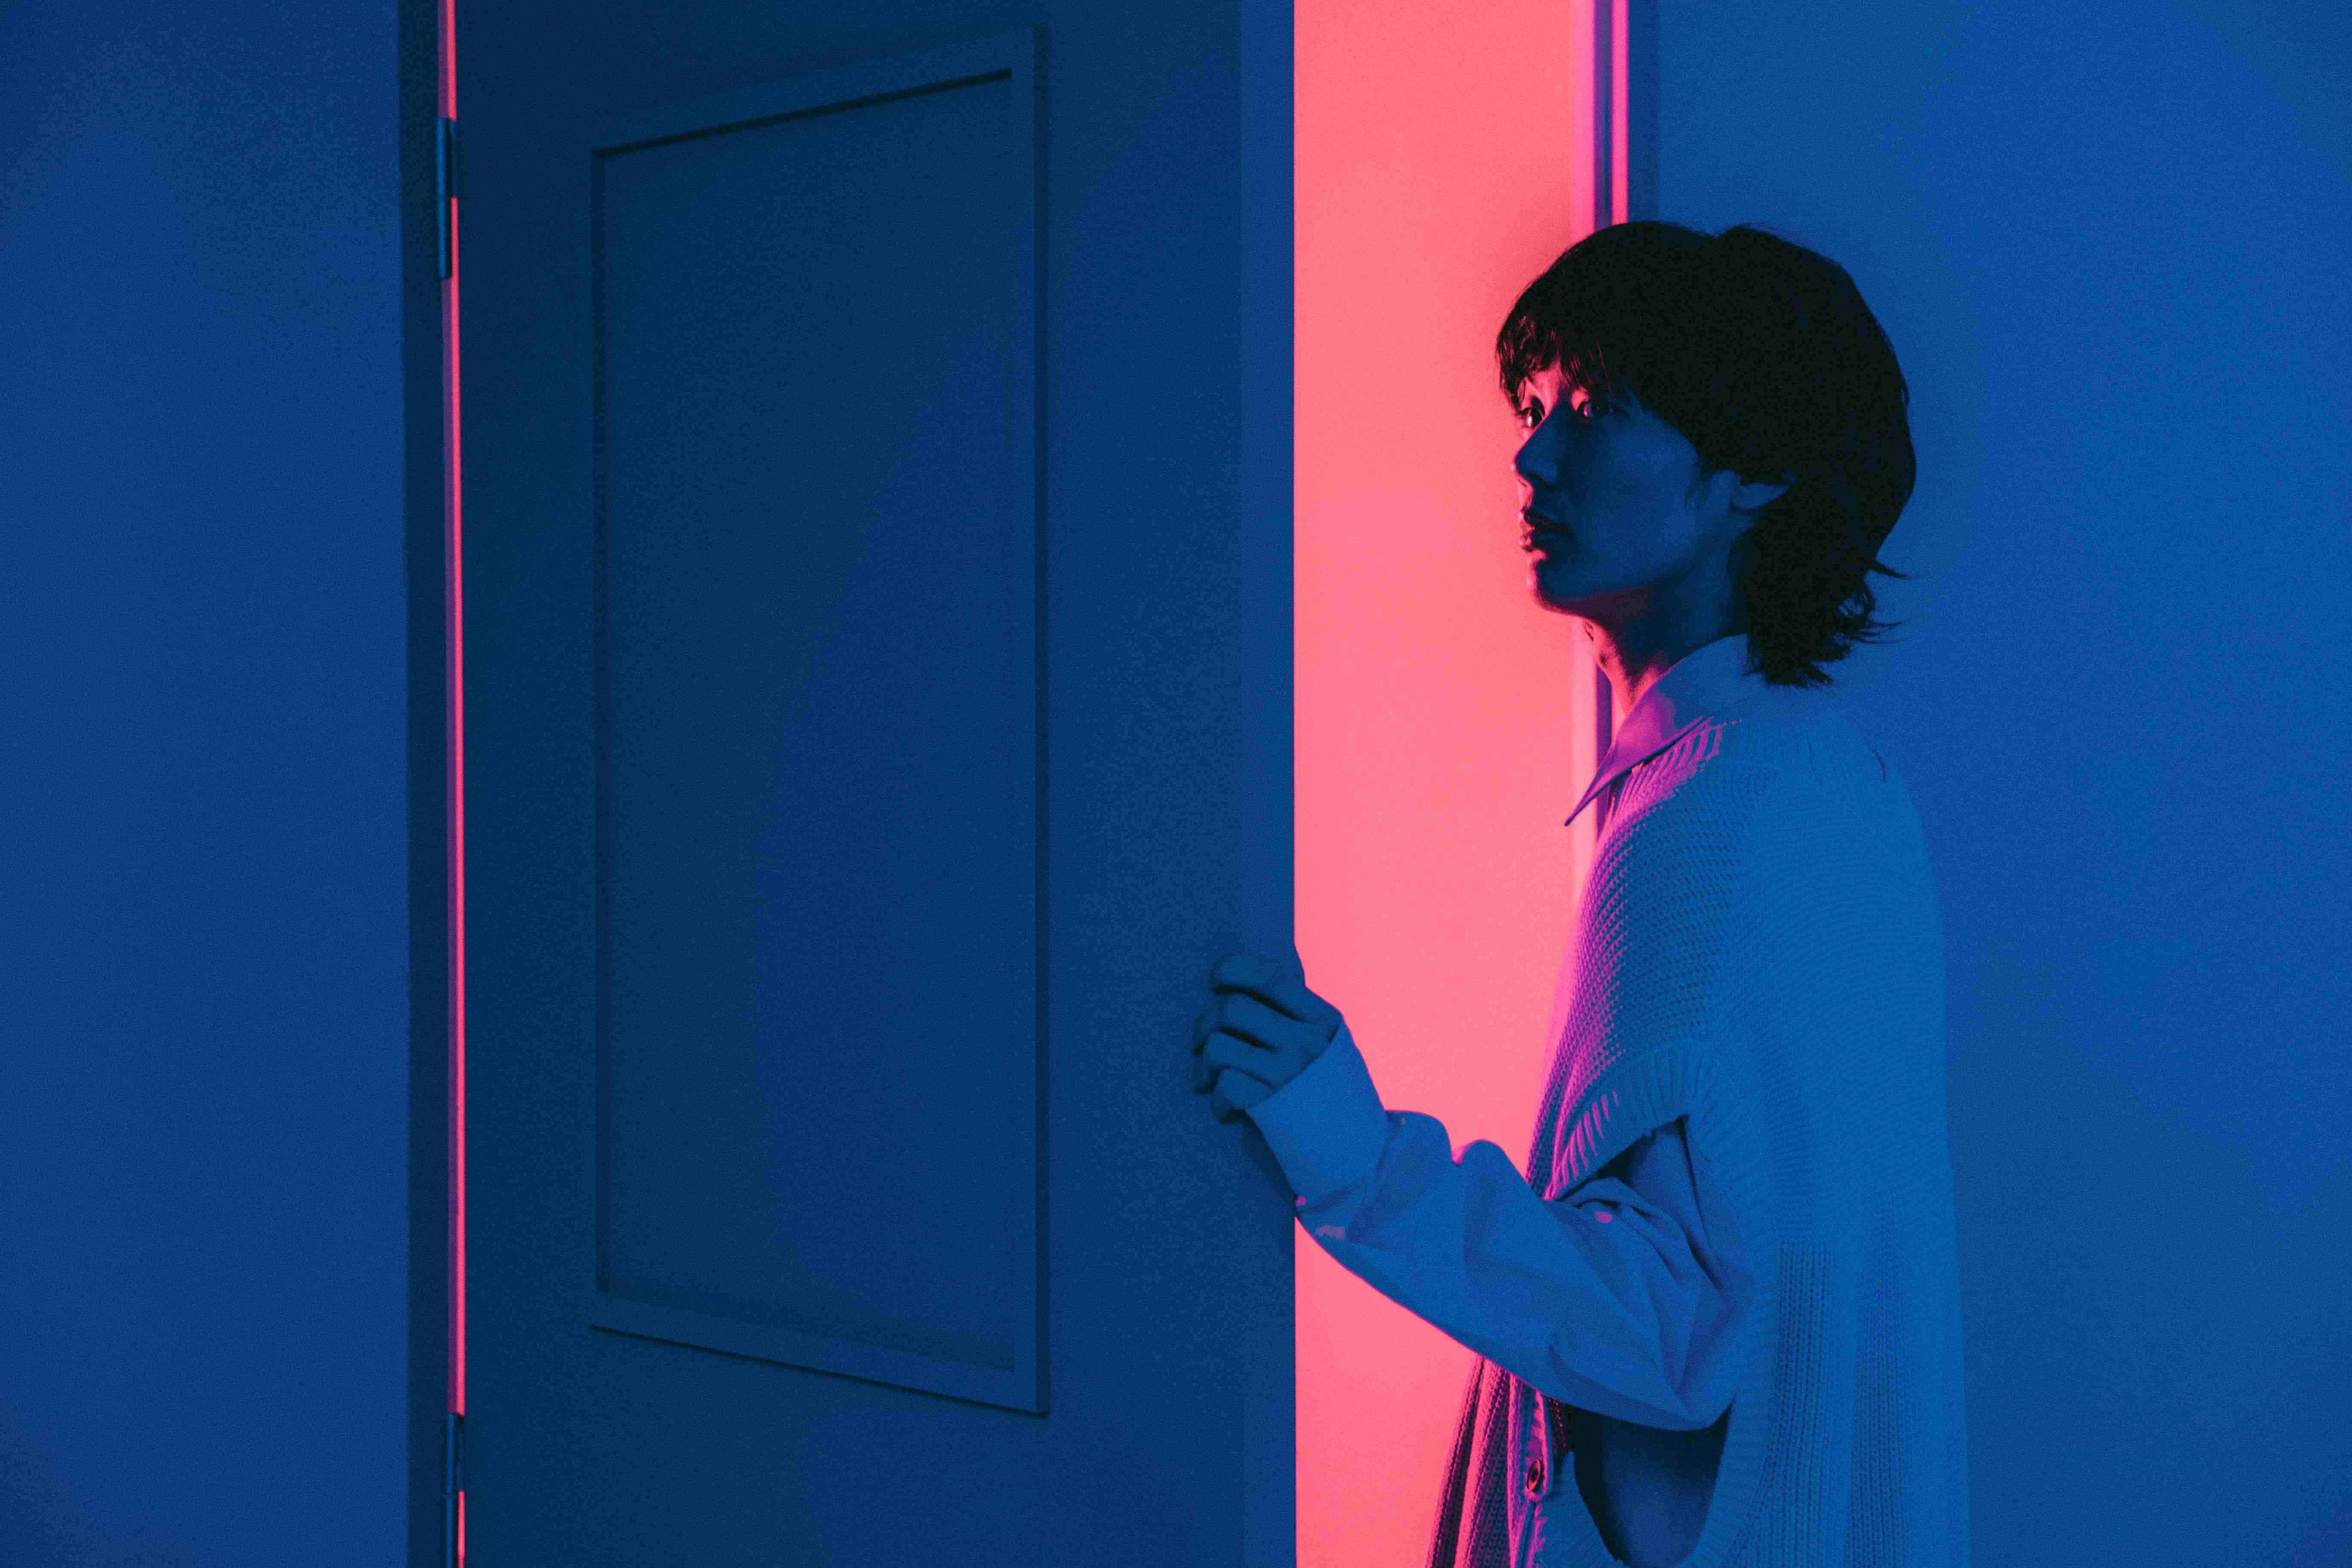 映秀。、11月17日(水)に2nd Album『第弐楽章 -青藍-』をリリース!ALのジャケット写真と最新アーティスト写真も初公開。また、アルバムリリースに先駆け10月20日(水)にリード曲『脱せ』の先行配信と歌詞も公開!